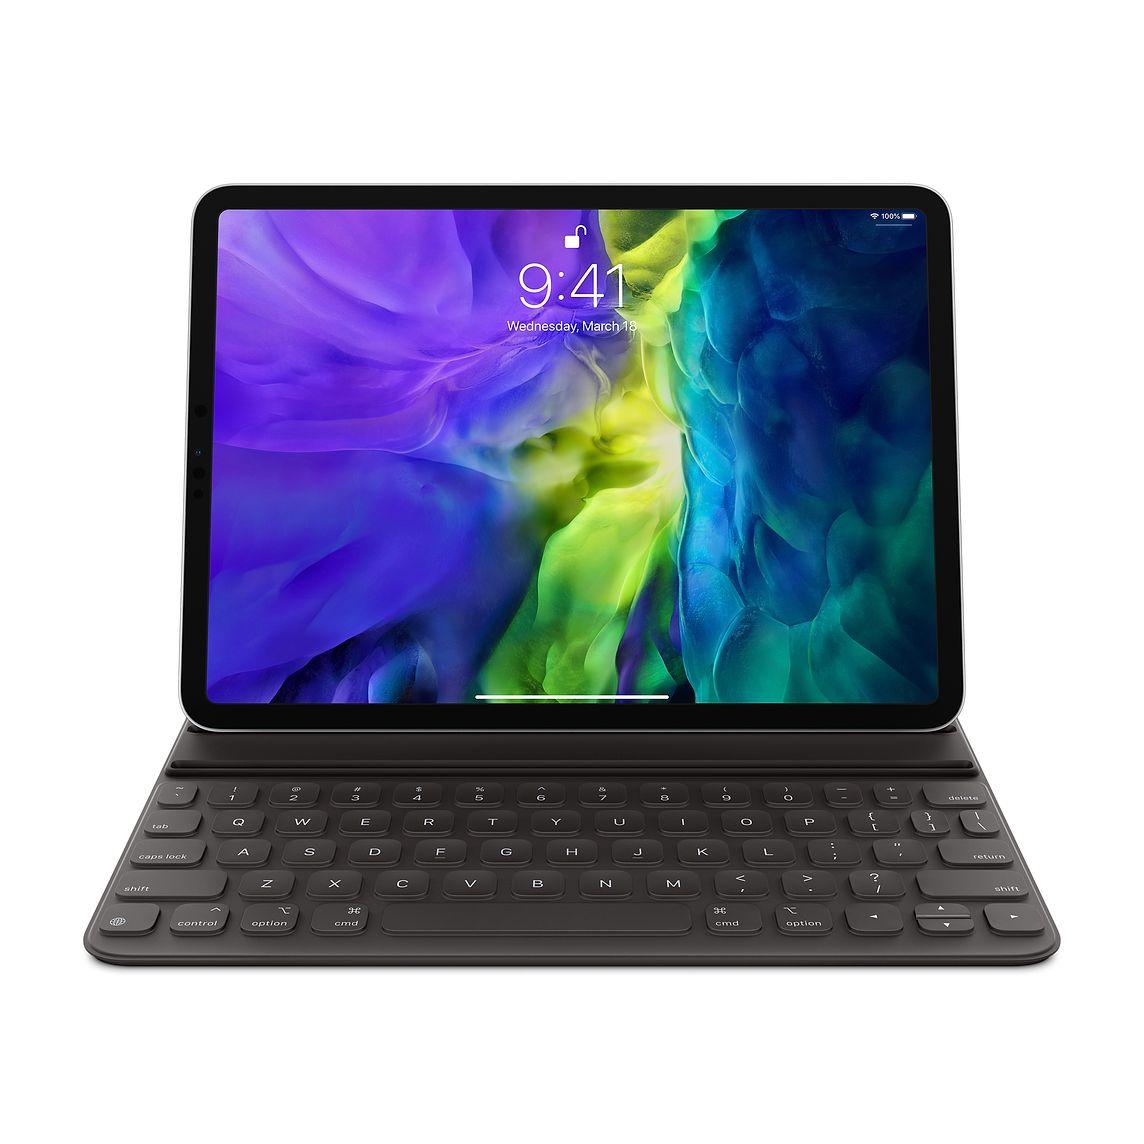 Smart Keyboard Folio for iPad Pro 11‑inch (Gen 2)